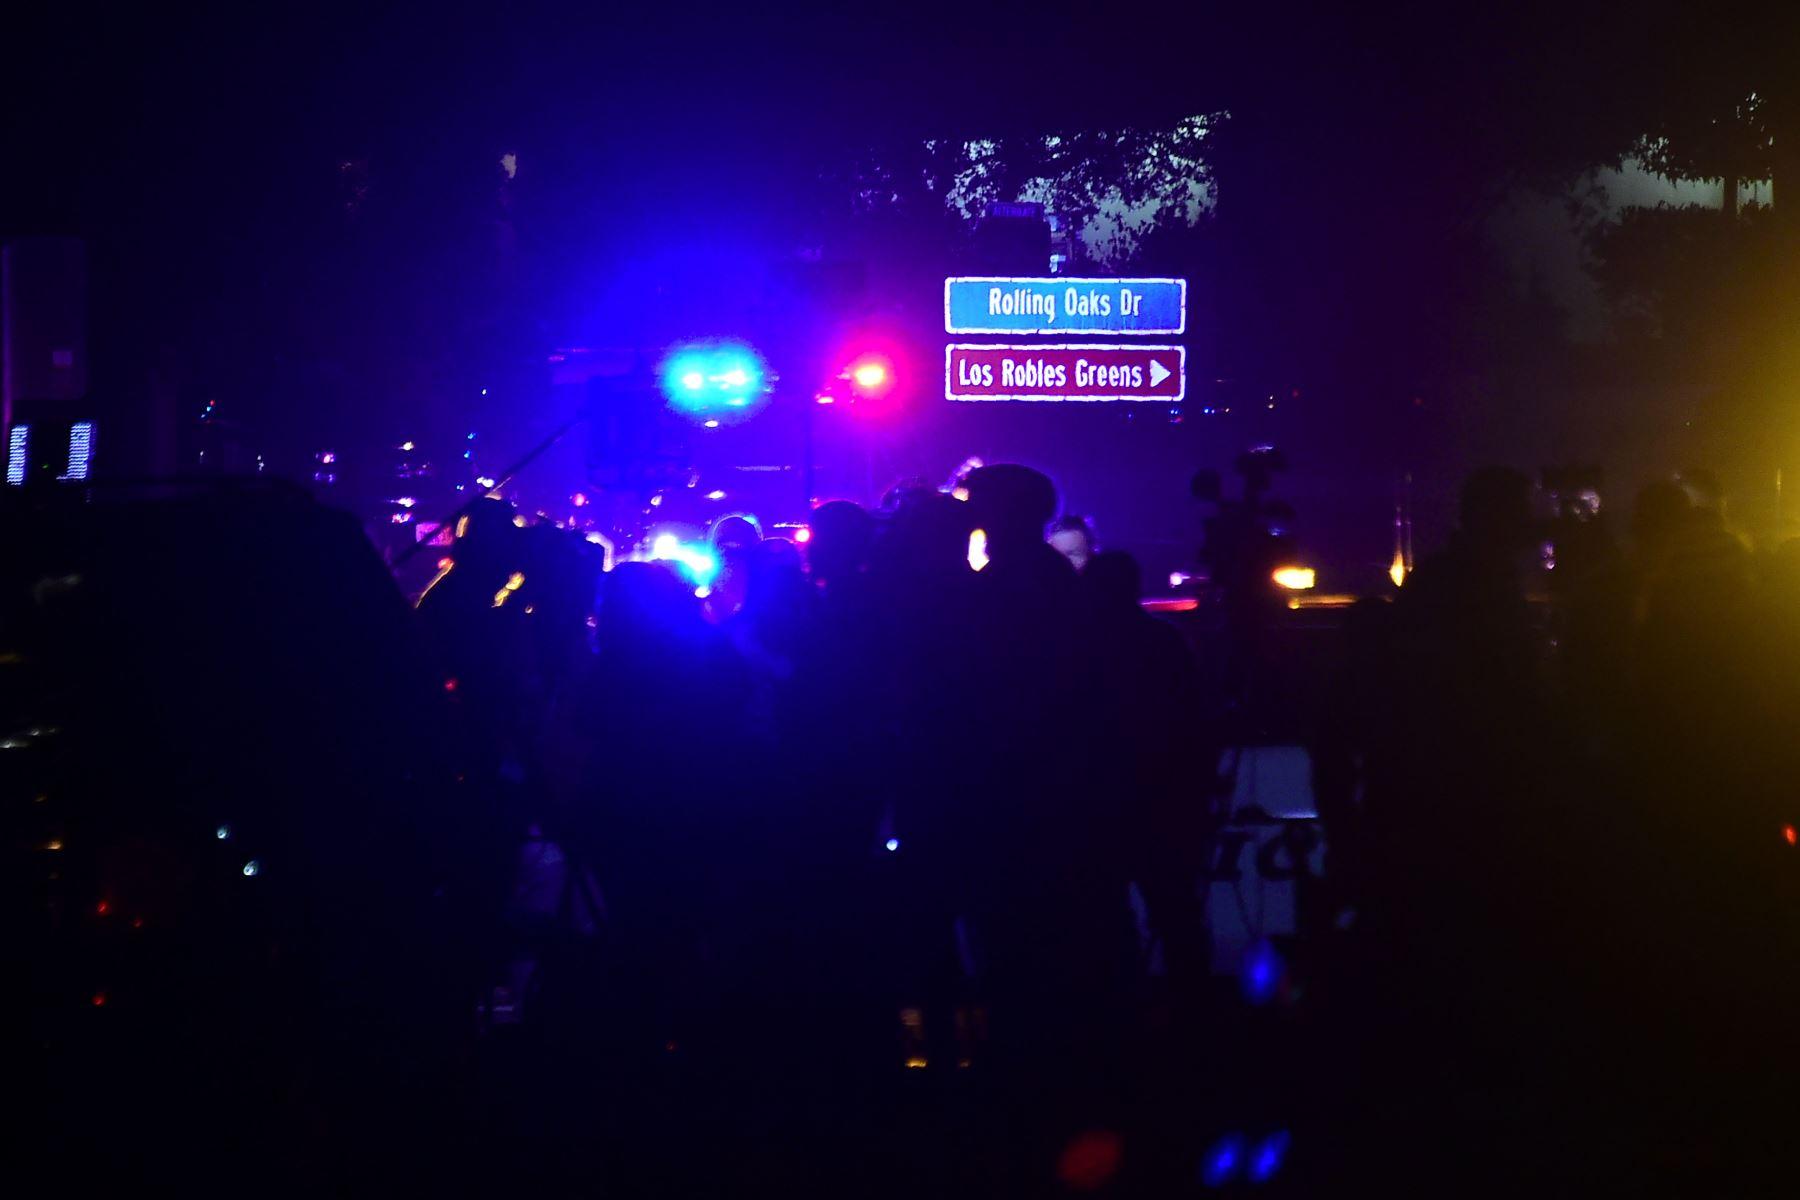 Las personas se reúnen lo más cerca que pueden de Borderline Bar and Grill en Thousand Oaks, California, el 8 de noviembre de 2018 cuando los vehículos de la policía cerraron el área en respuesta a un tiroteo. - Doce personas, incluido un sargento de la policía, fueron abatidas a tiros en un tiroteo en un club nocturno cerca de Los Ángeles, dijo el jueves la policía. Todas las víctimas fueron asesinadas dentro del bar en el suburbio de Thousand Oaks a última hora del miércoles, incluido el oficial que había